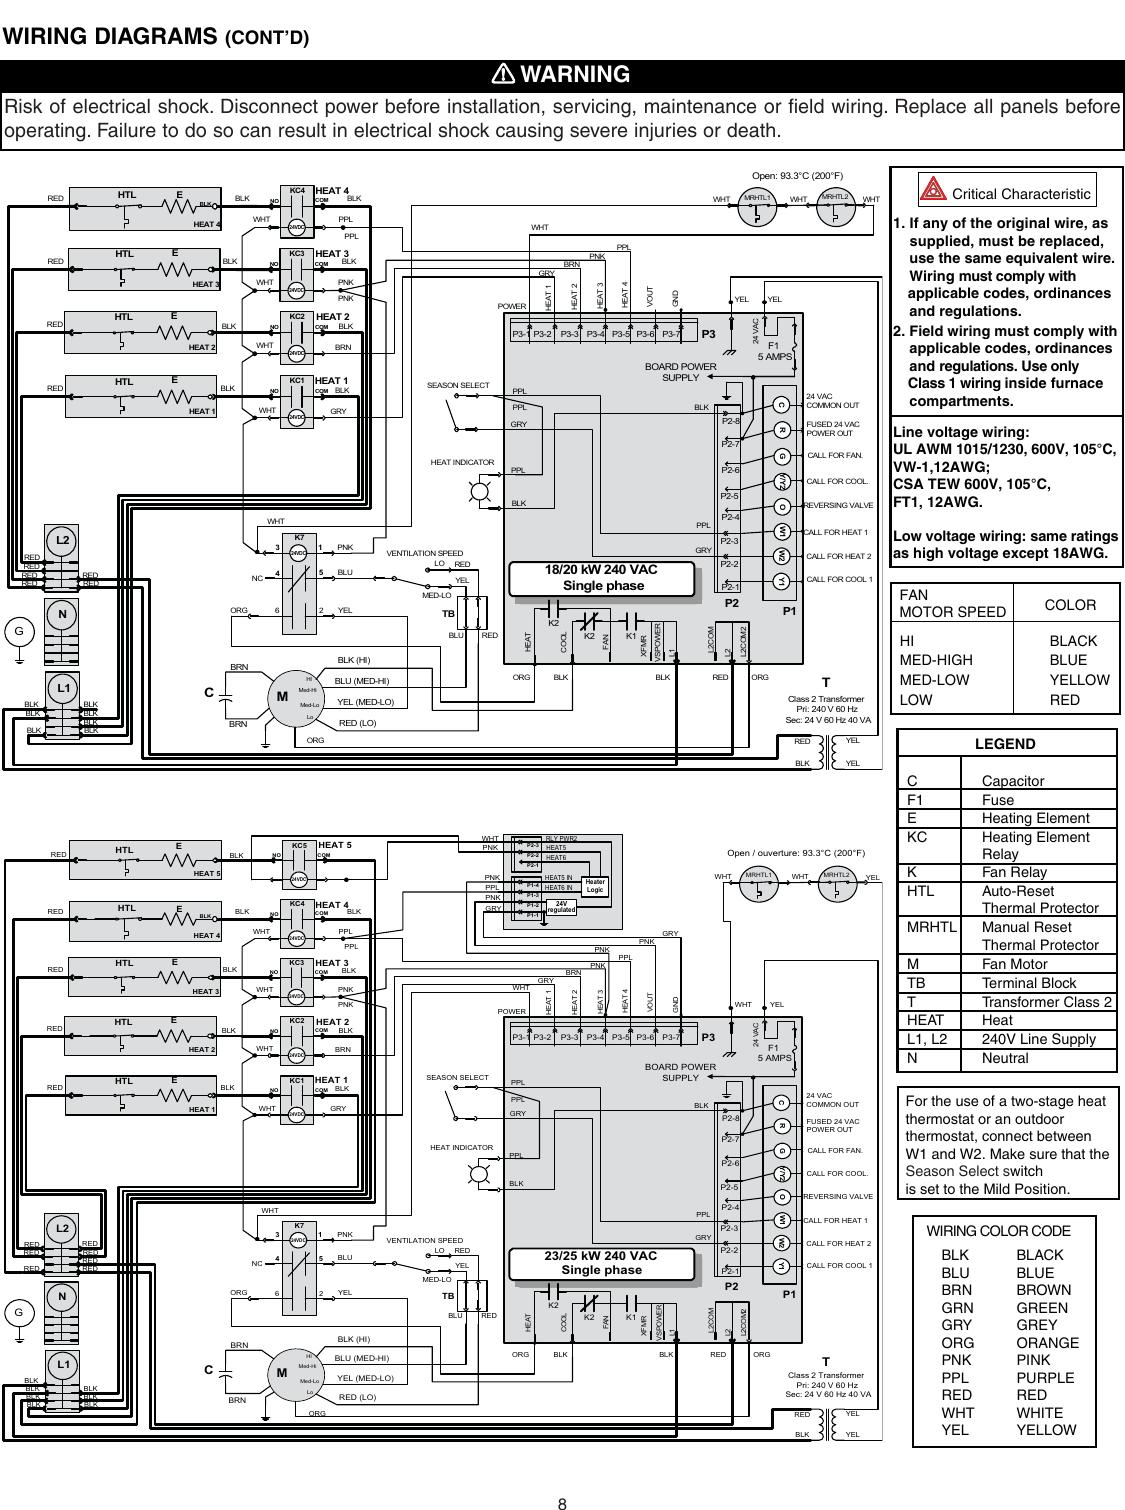 Norton Electric Furnace Wiring Diagram - Isuzu Sportivo Wiring Diagram -  landrovers.yenpancane.jeanjaures37.frWiring Diagram Resource